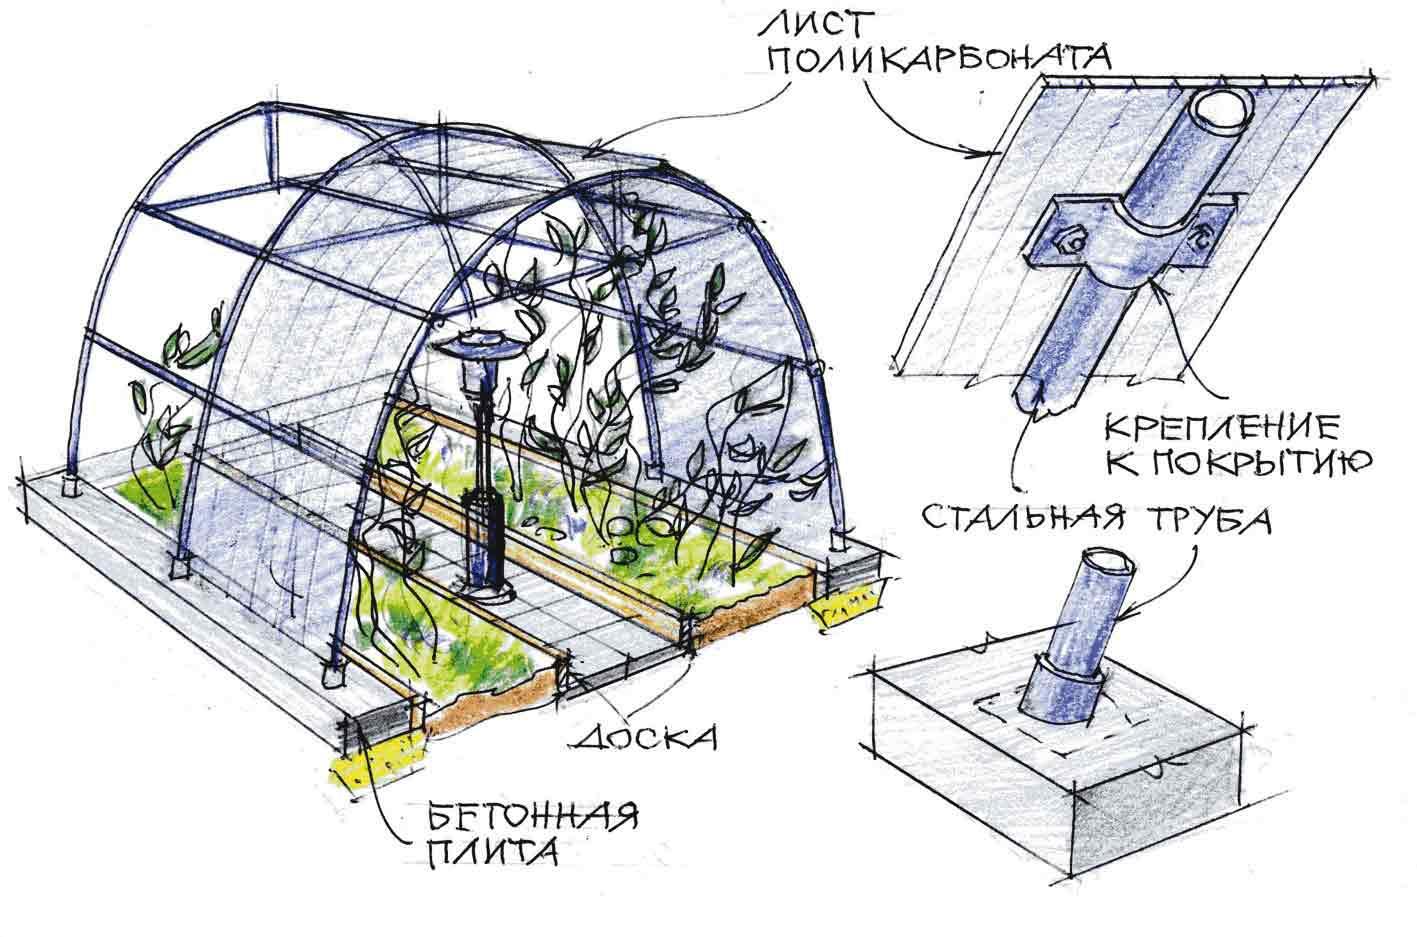 Теплицы, обладающие арочной или куполообразной конструкцией крыши, характеризуются необходимостью изгиба листового пластика поперёк рёбер. Максимальный показатель радиуса изгиба лучше всего уточнить по данным, указанным на маркировке